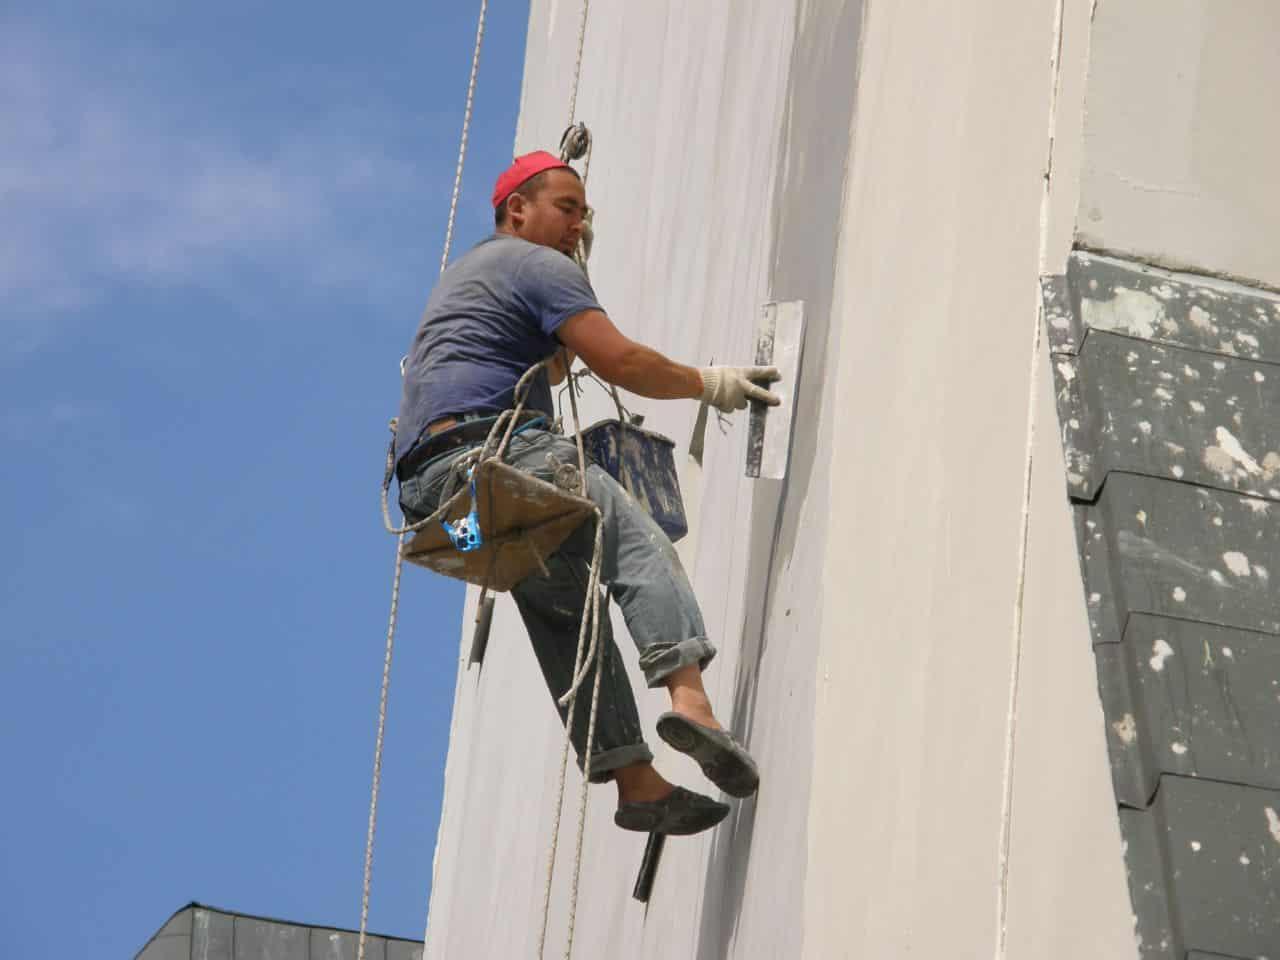 Промышленный альпинизм услуги в спб